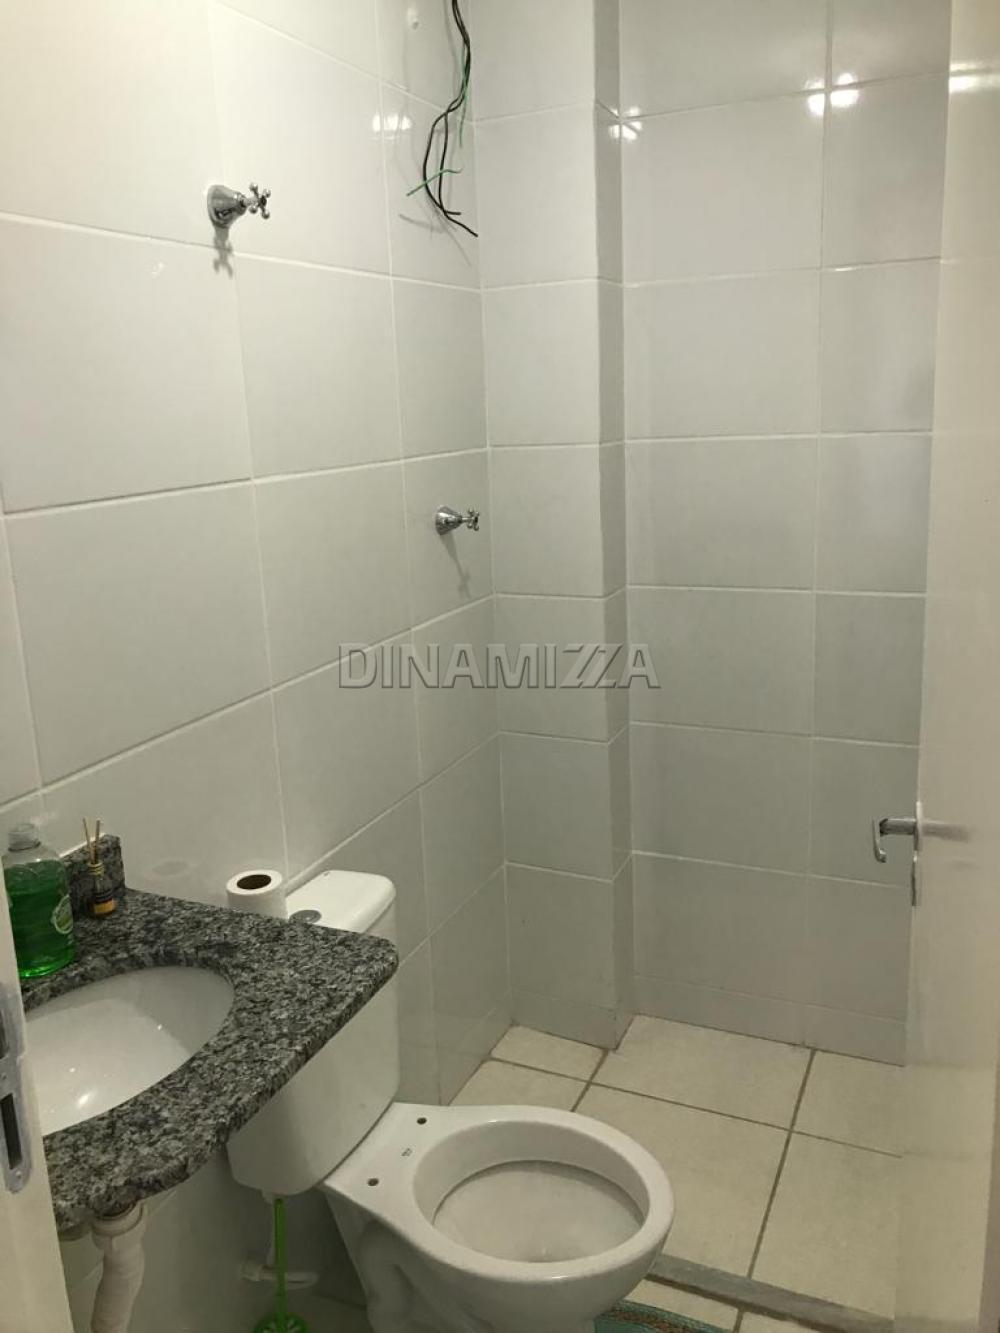 Alugar Apartamento / Padrão em Uberaba R$ 700,00 - Foto 19